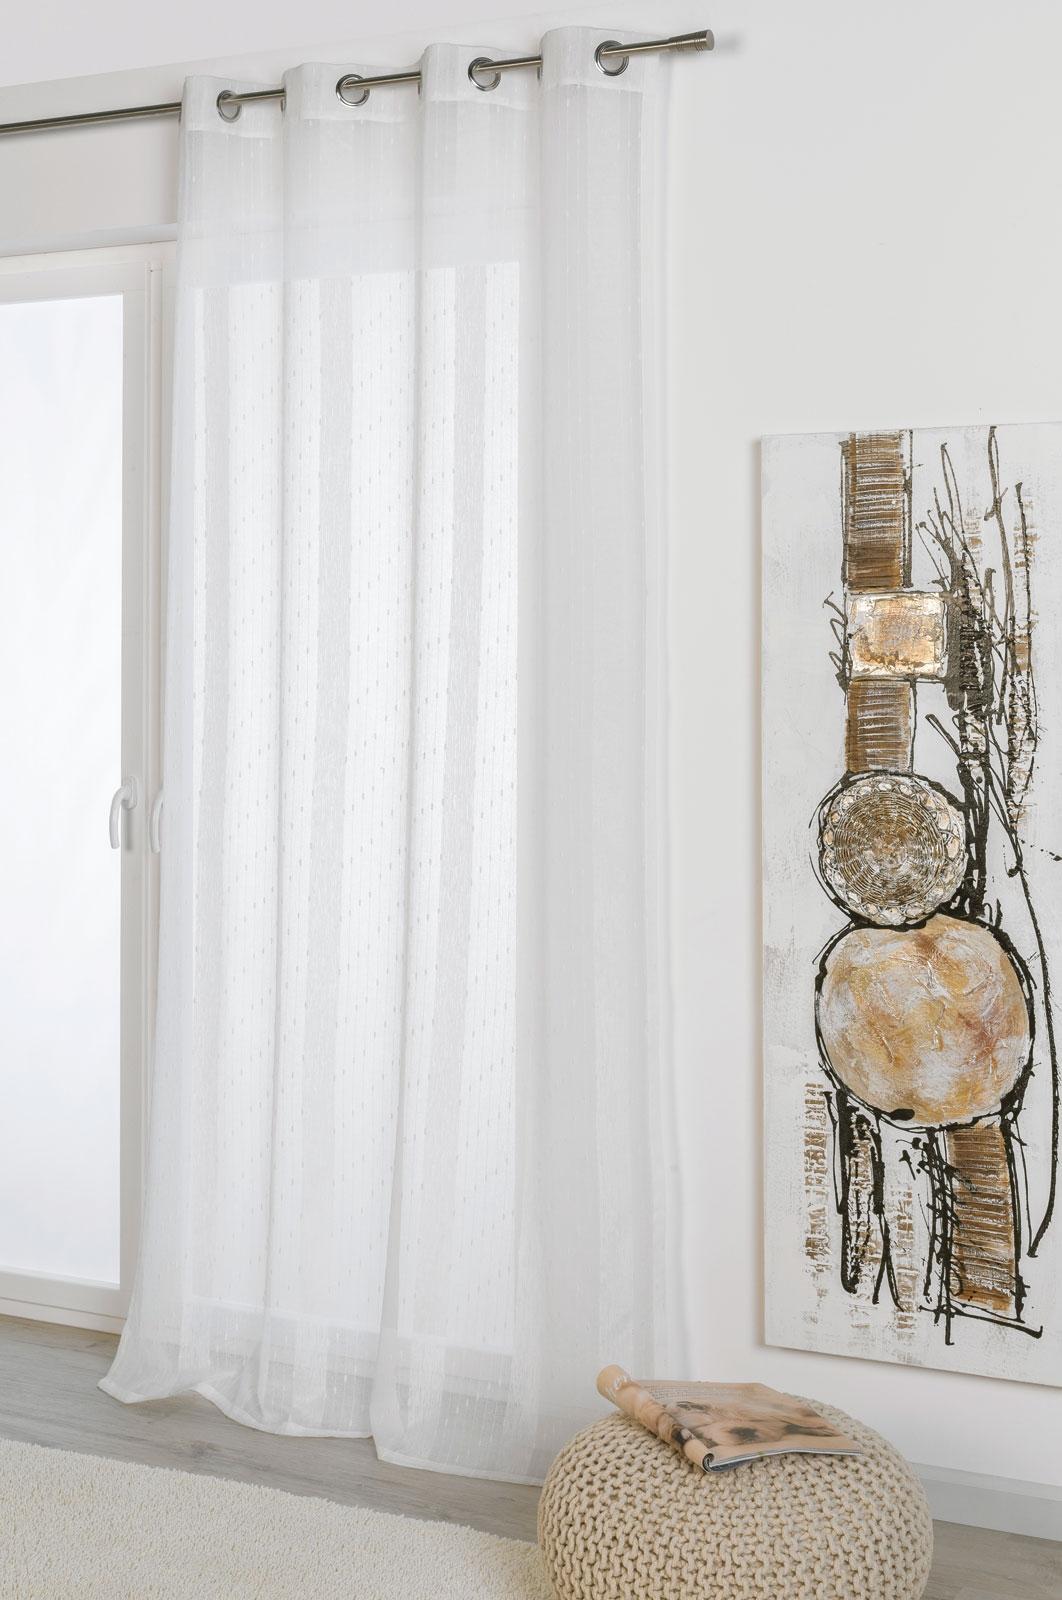 Gardinen und Vorhänge - Ösenschal Vorhang Gardine lichtdurchlässig weiß 135x245 mit Metallösen Hilde 300268  - Onlineshop PremiumShop321